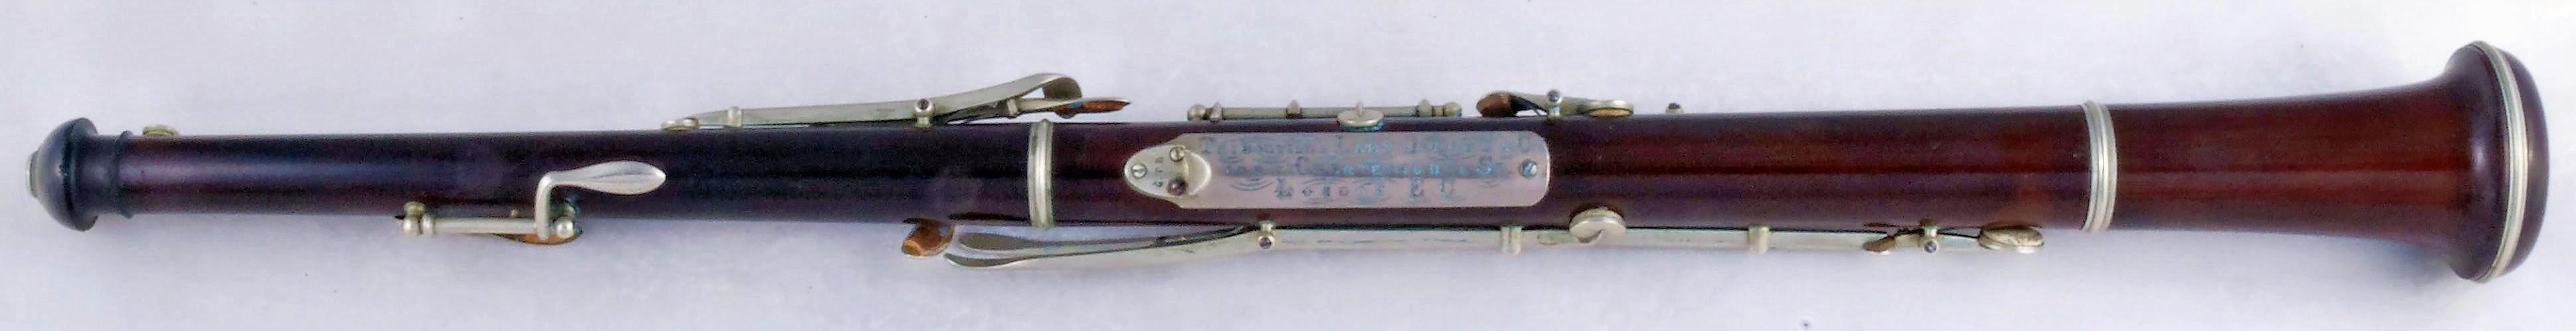 Oboe-3.jpeg